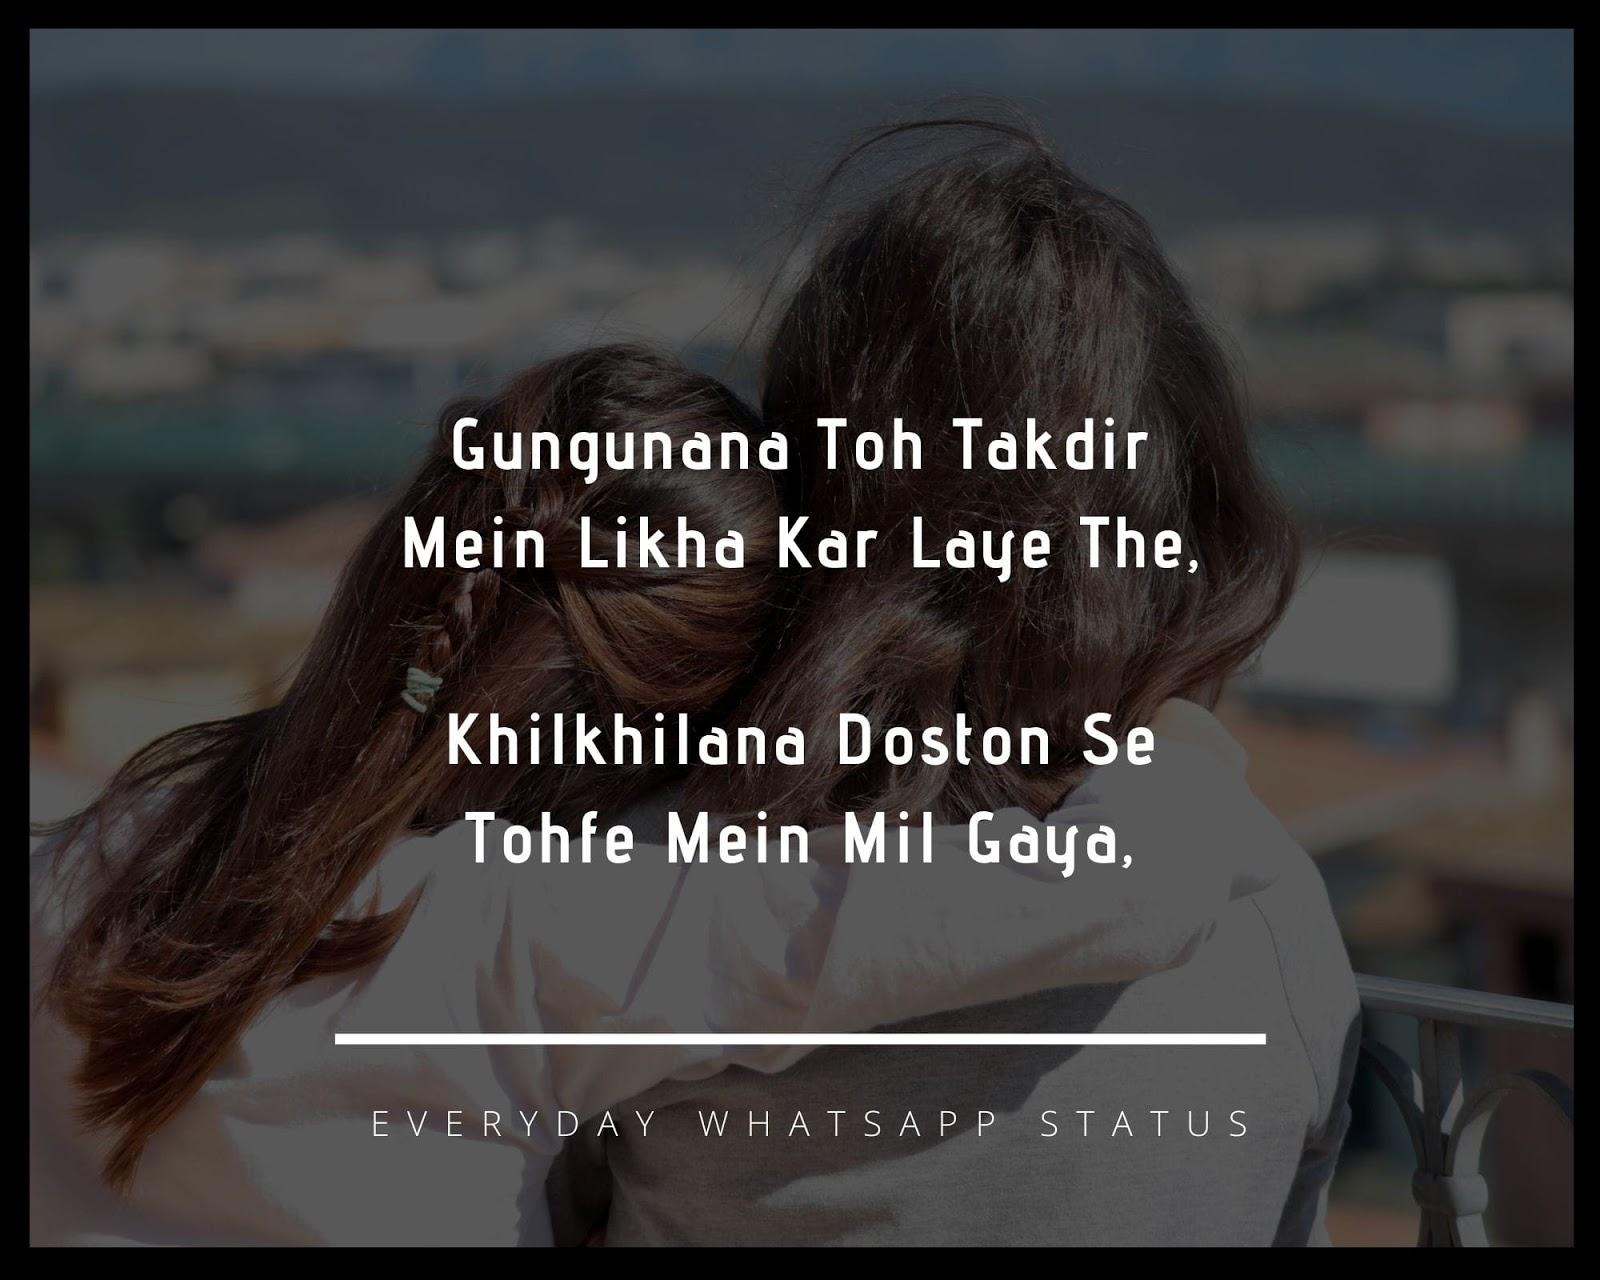 Hindi Shayari Dosti Ke Liye - Gungunana Toh Takdir